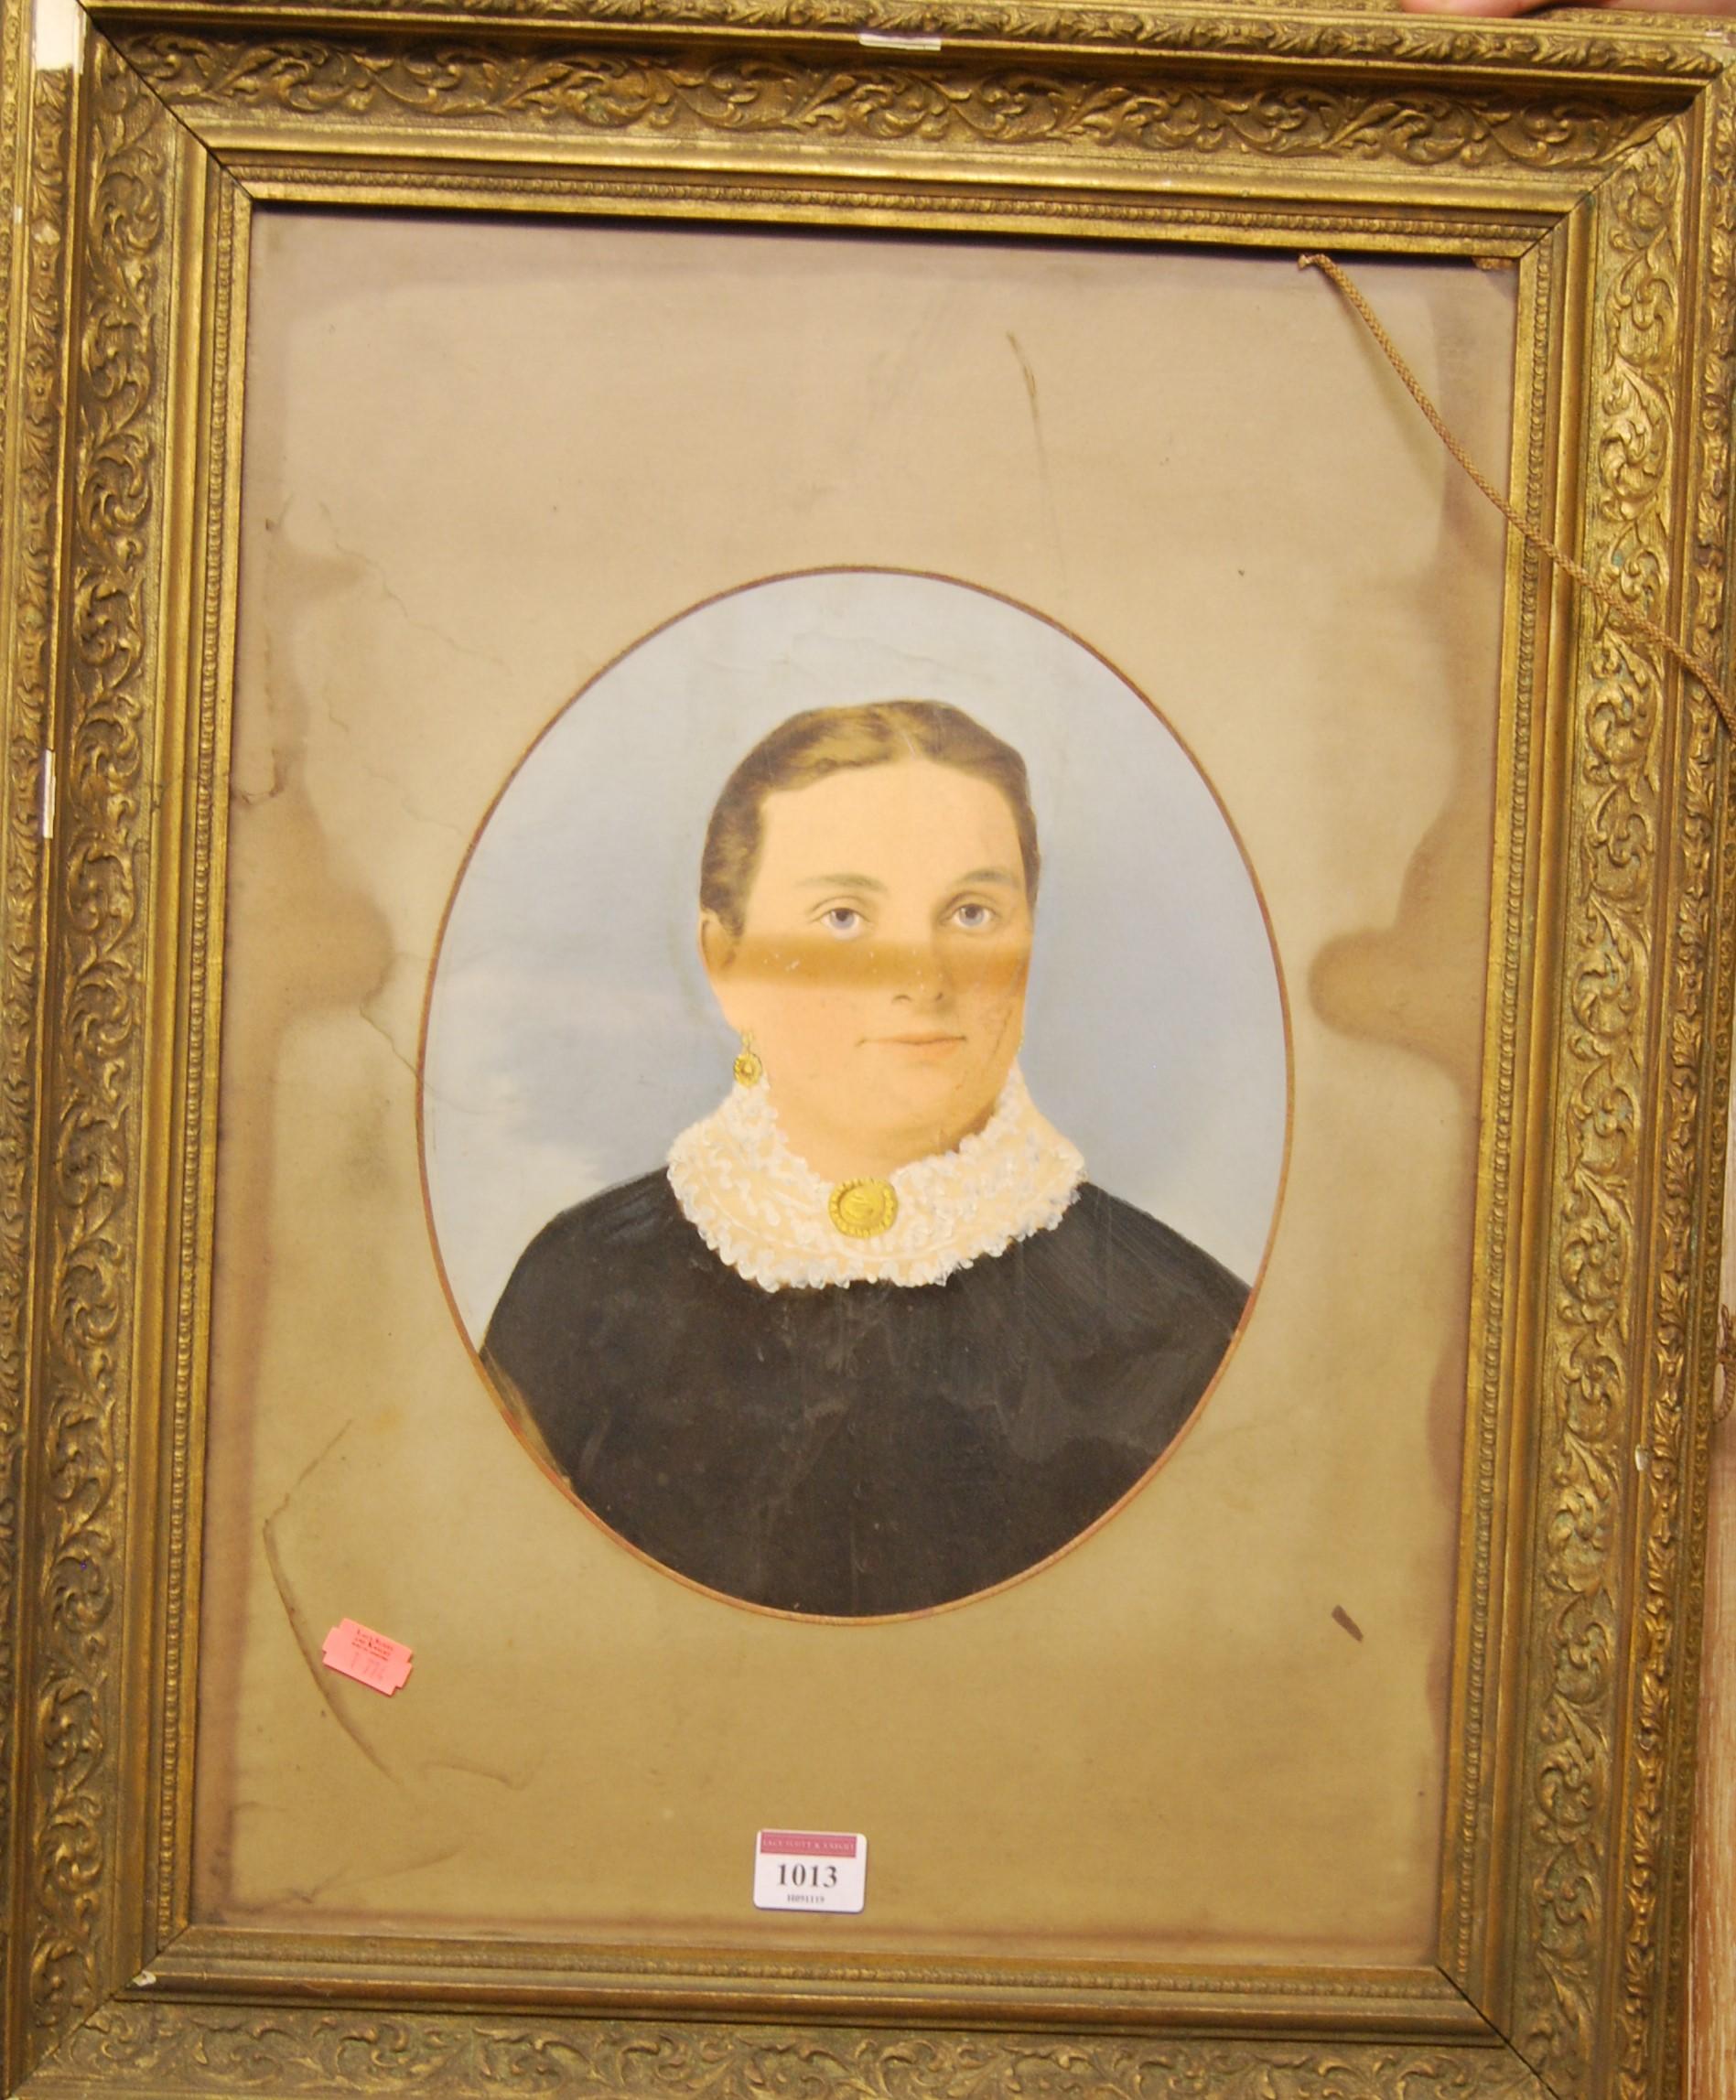 Lot 1013 - A Victorian overpainted portrait photograph